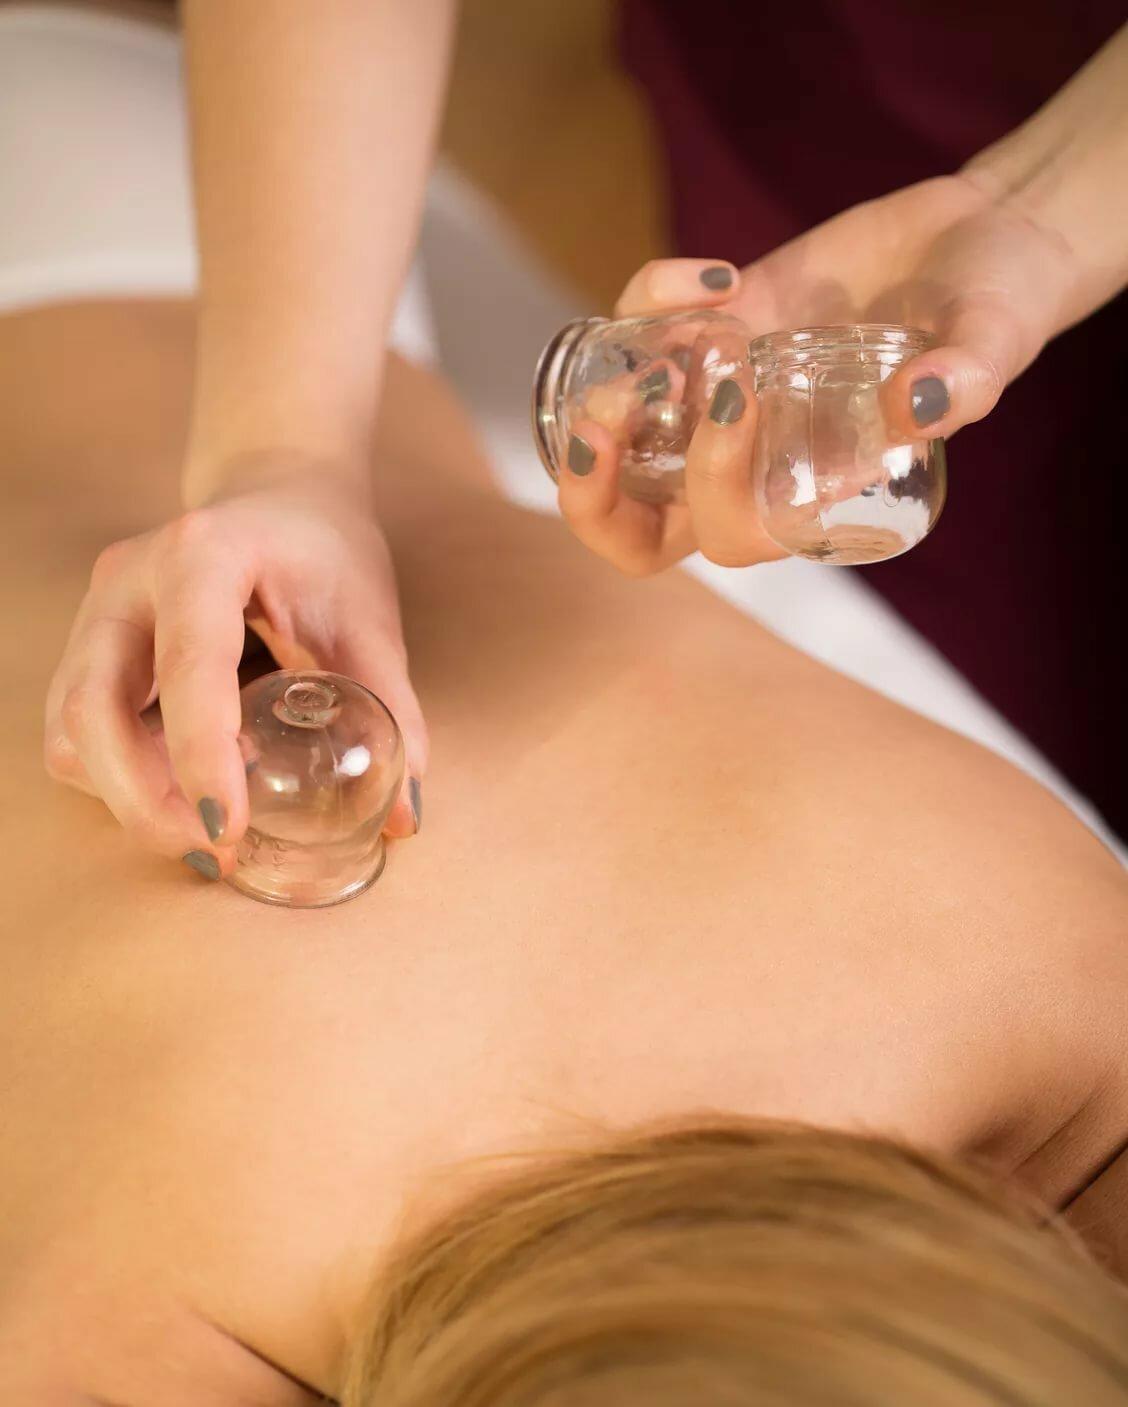 Вакуумный массаж живота для похудения: отзывы и техника